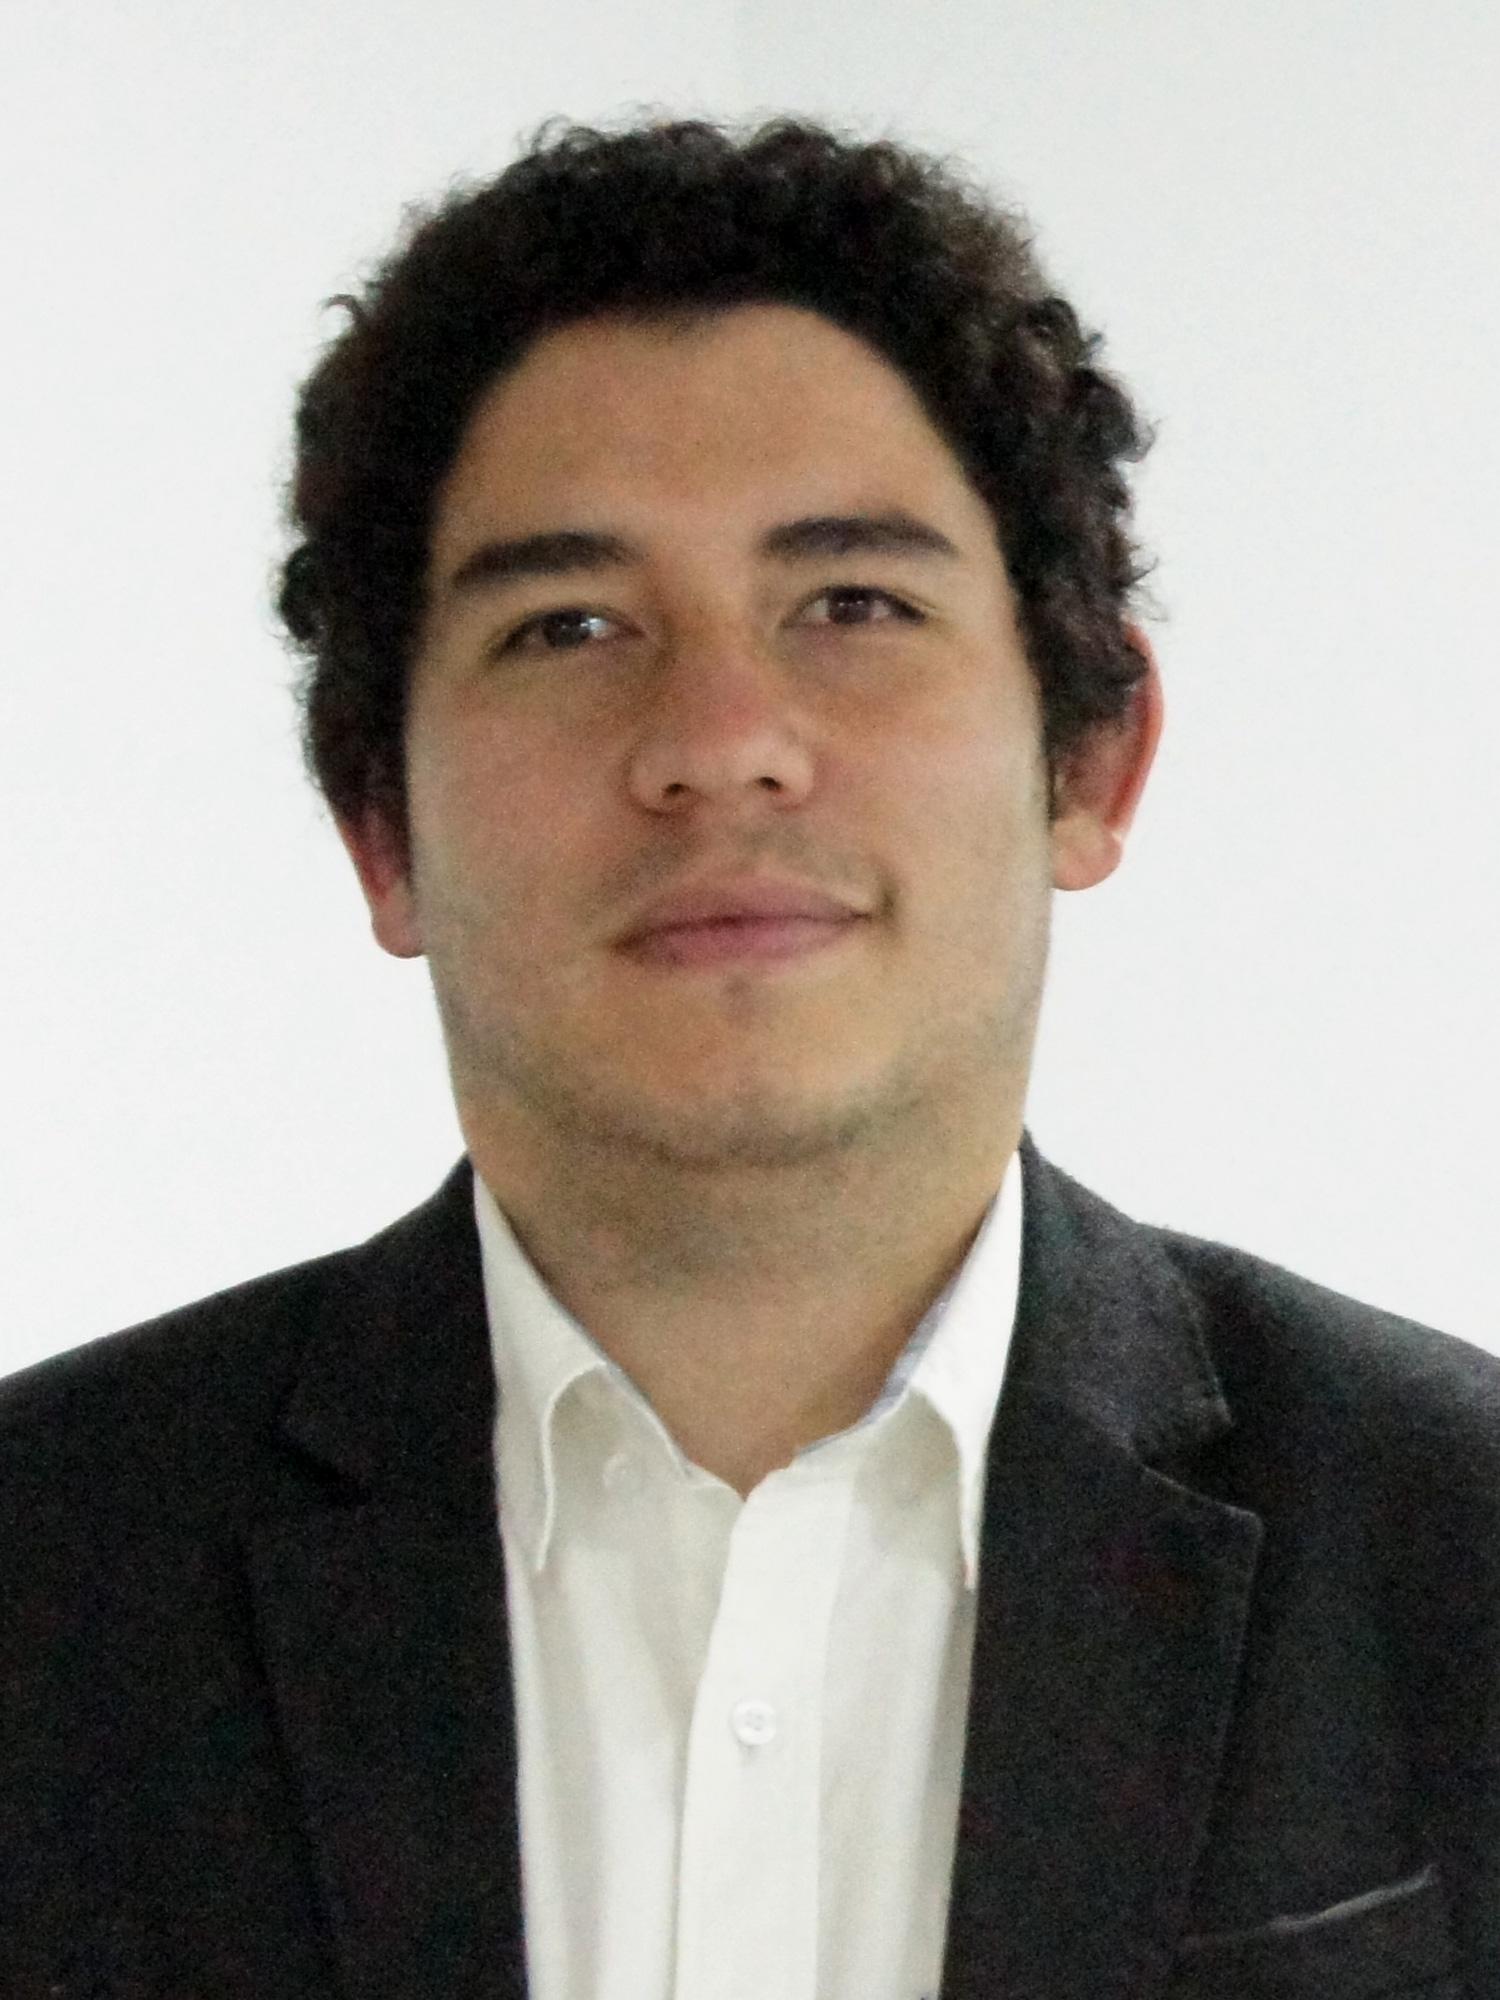 Sebastián Arriaga Herrera